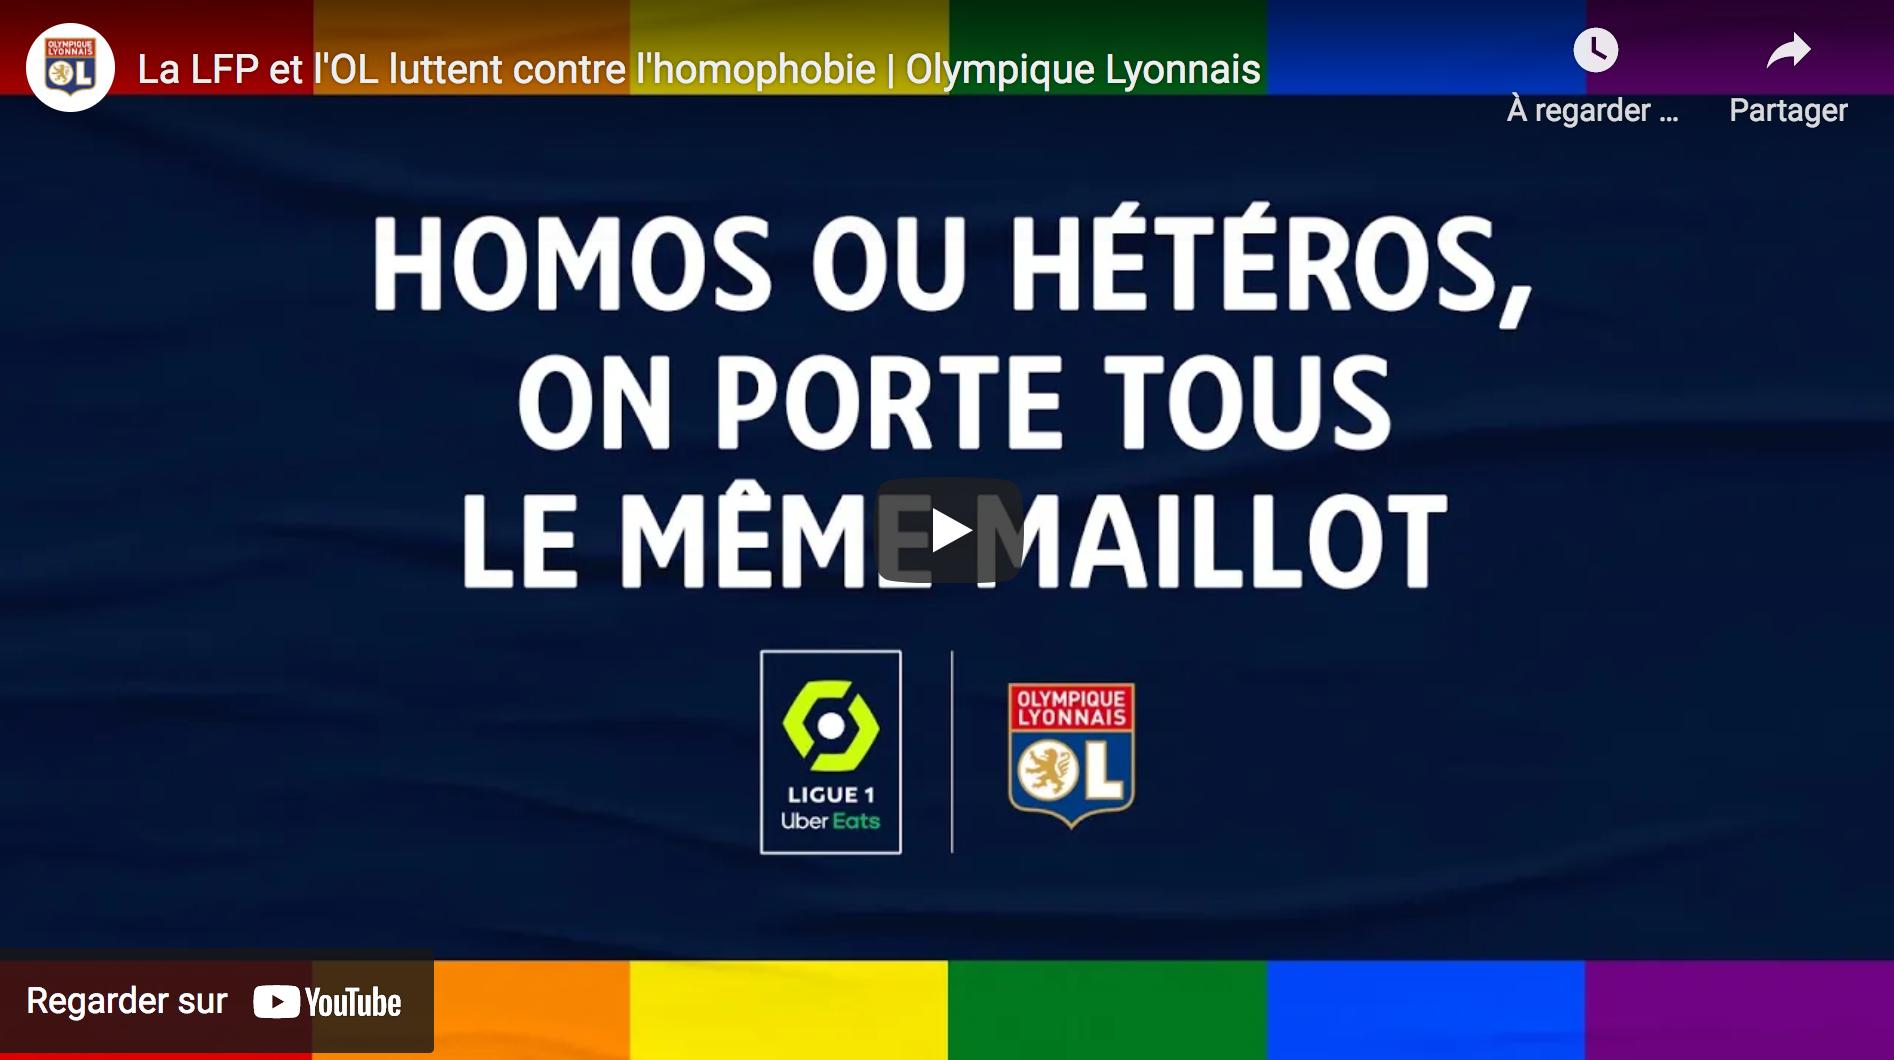 Olympique lyonnais : Propagande homofolle avec des gentils immigrés, des femmes tolérantes et des hommes blancs agressifs et vulgaires (VIDÉO)